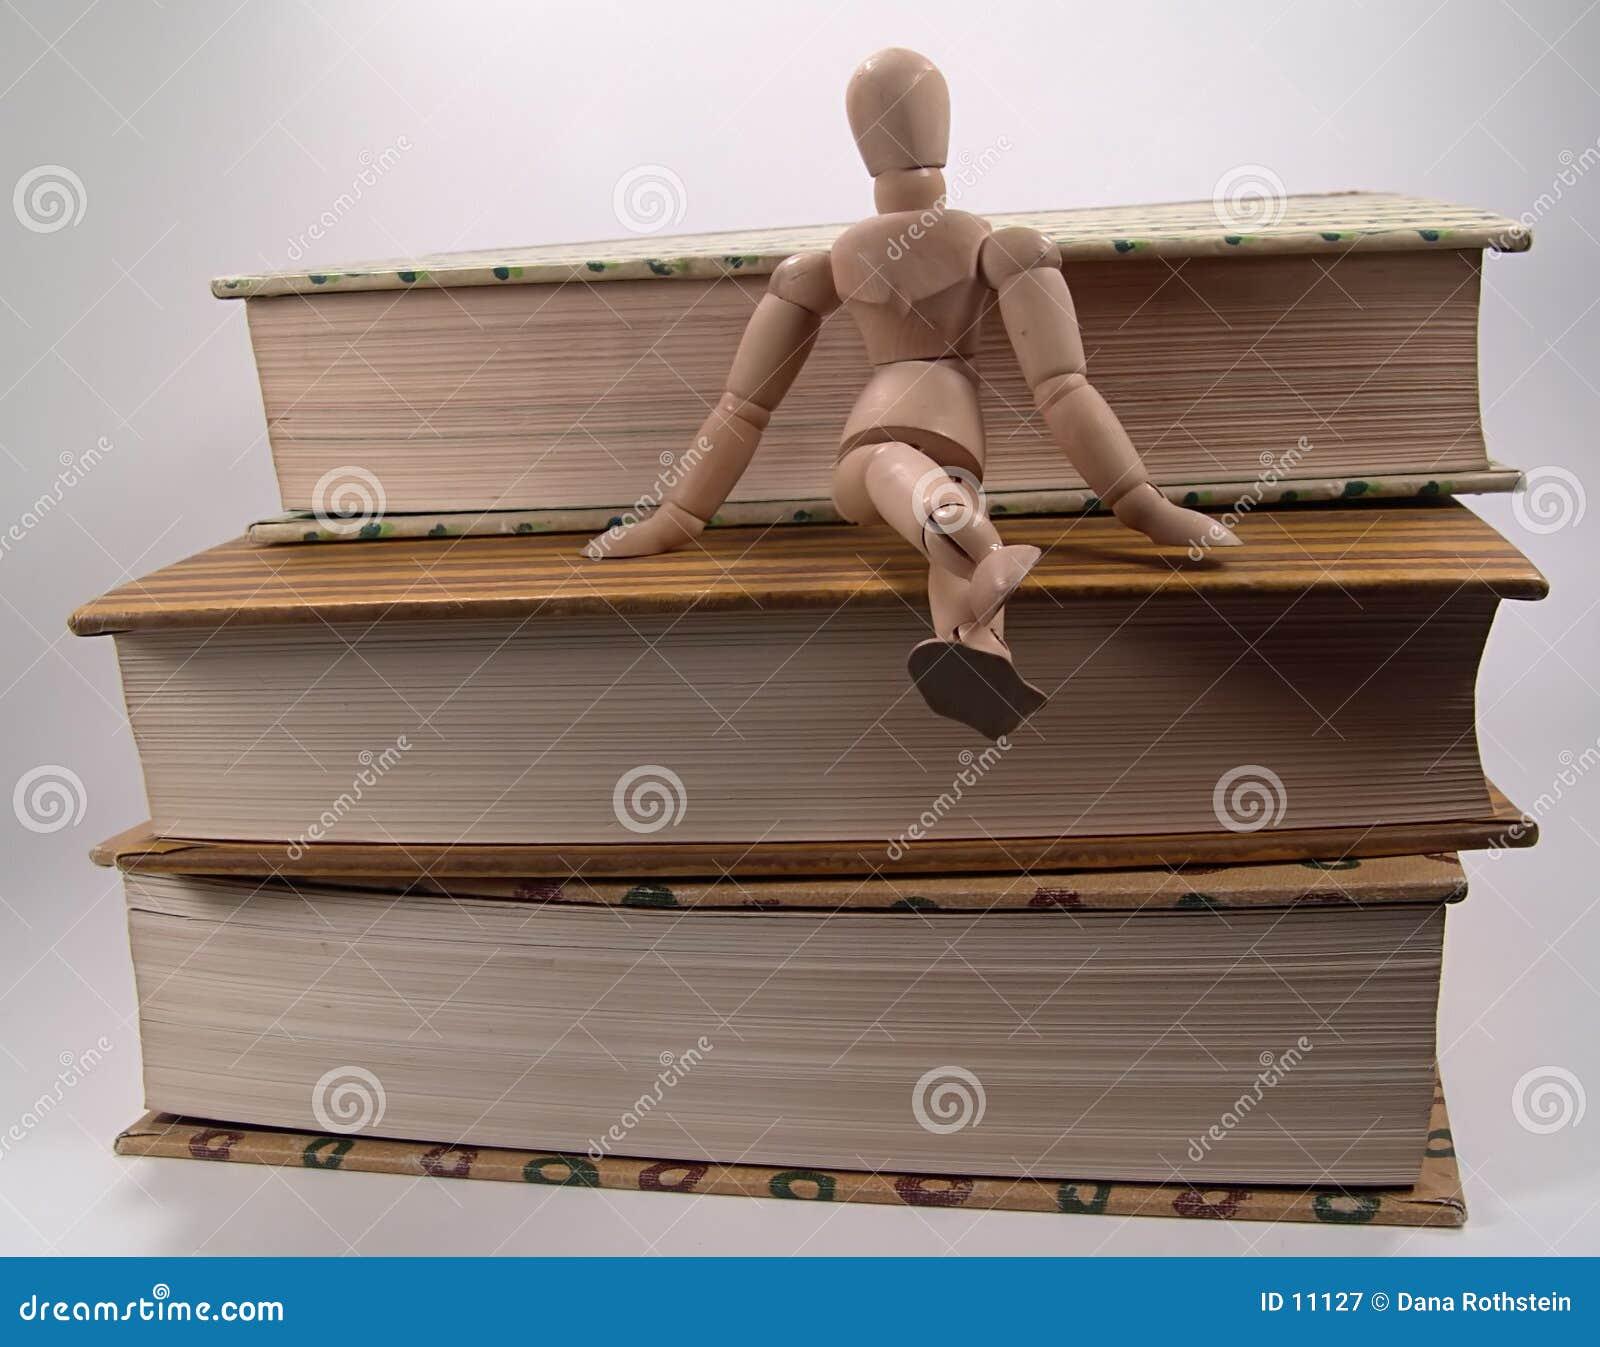 Mannequin que senta-se em livros